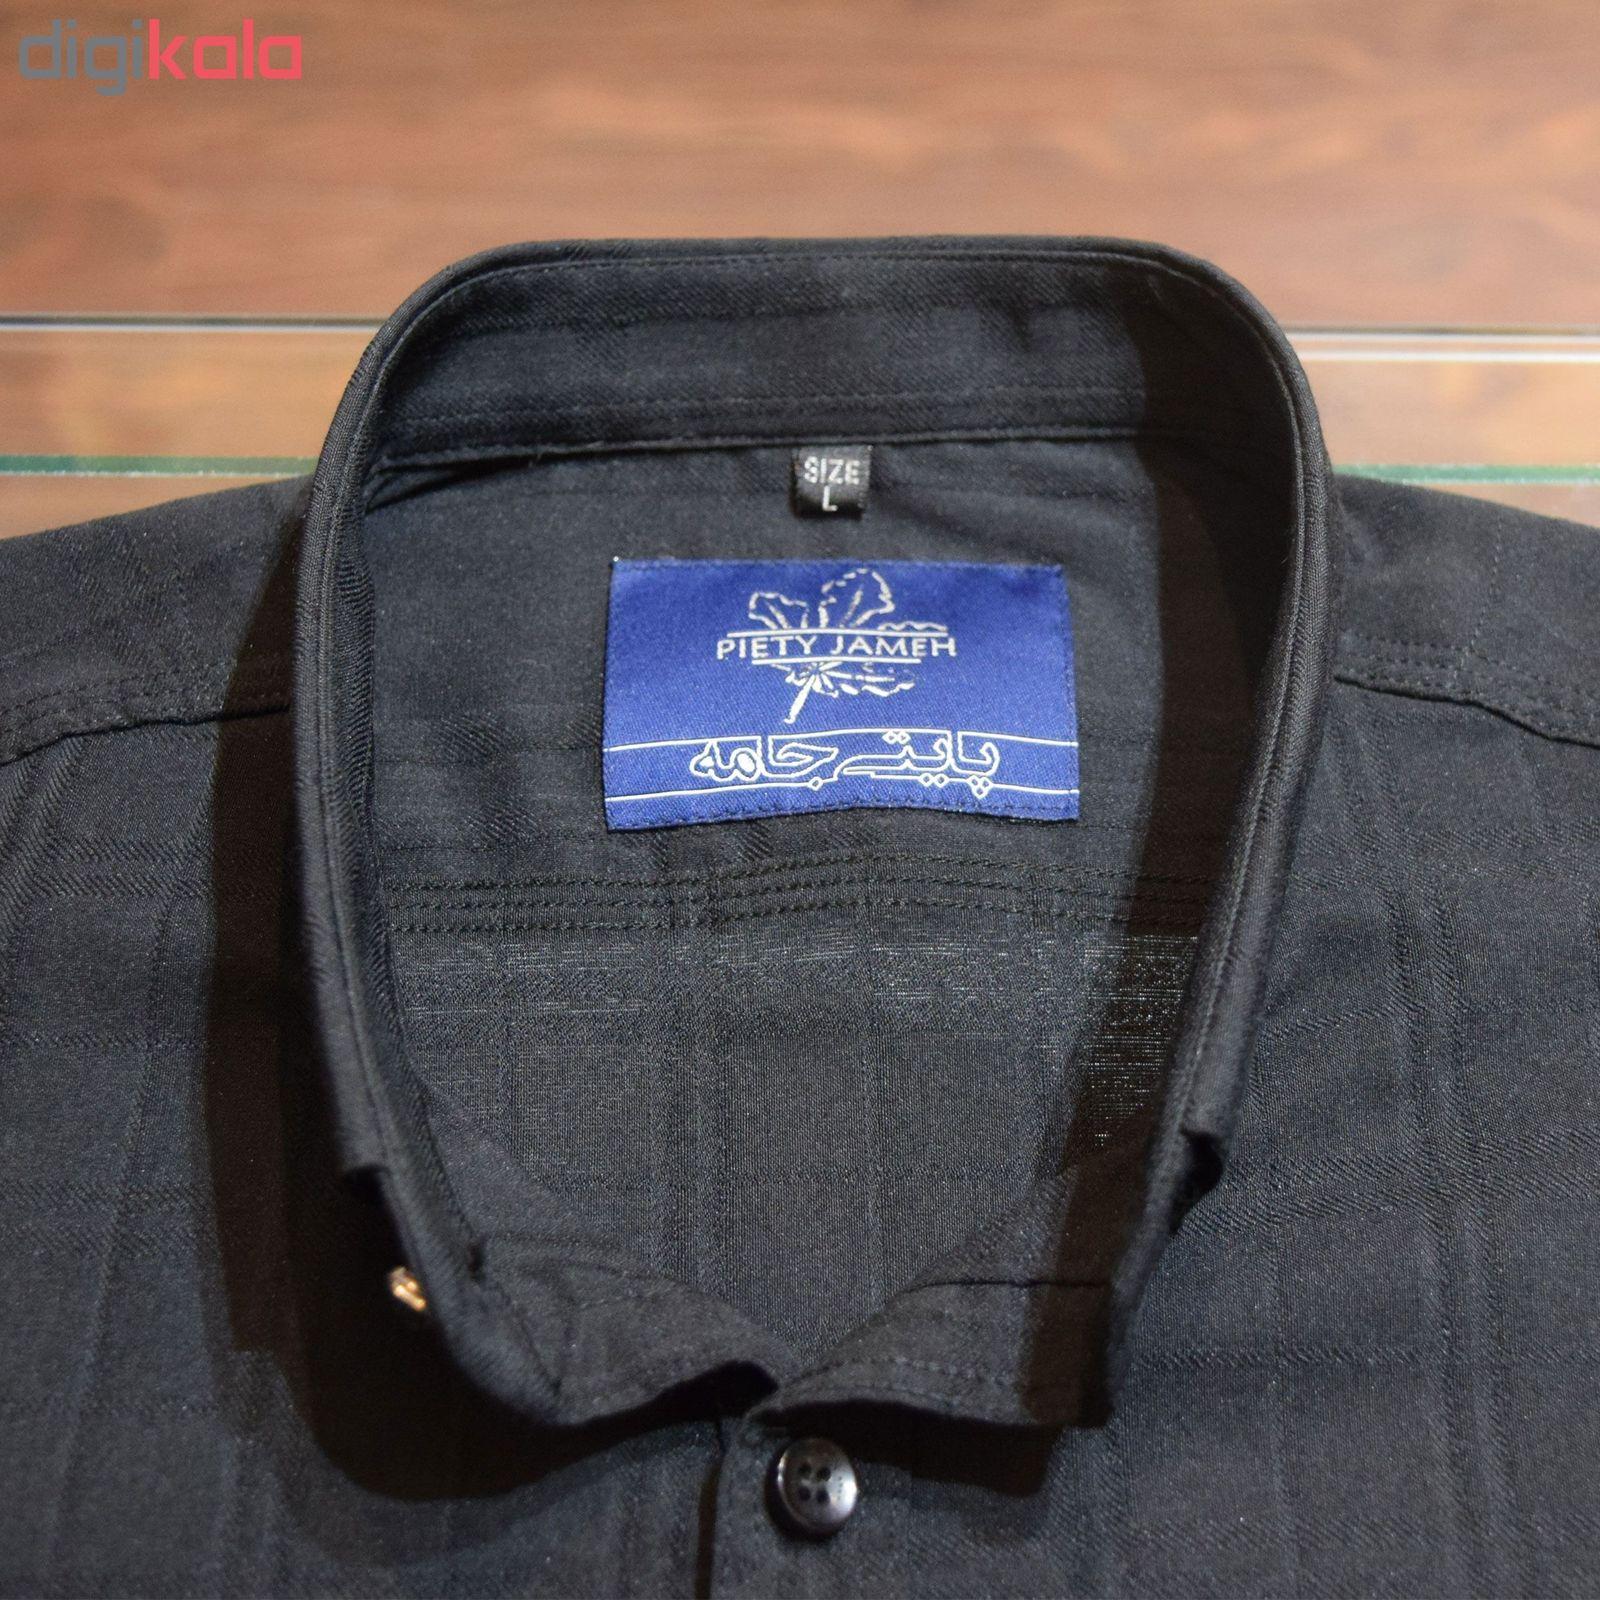 پیراهن مردانه پایتی جامه کد 1901439 main 1 4